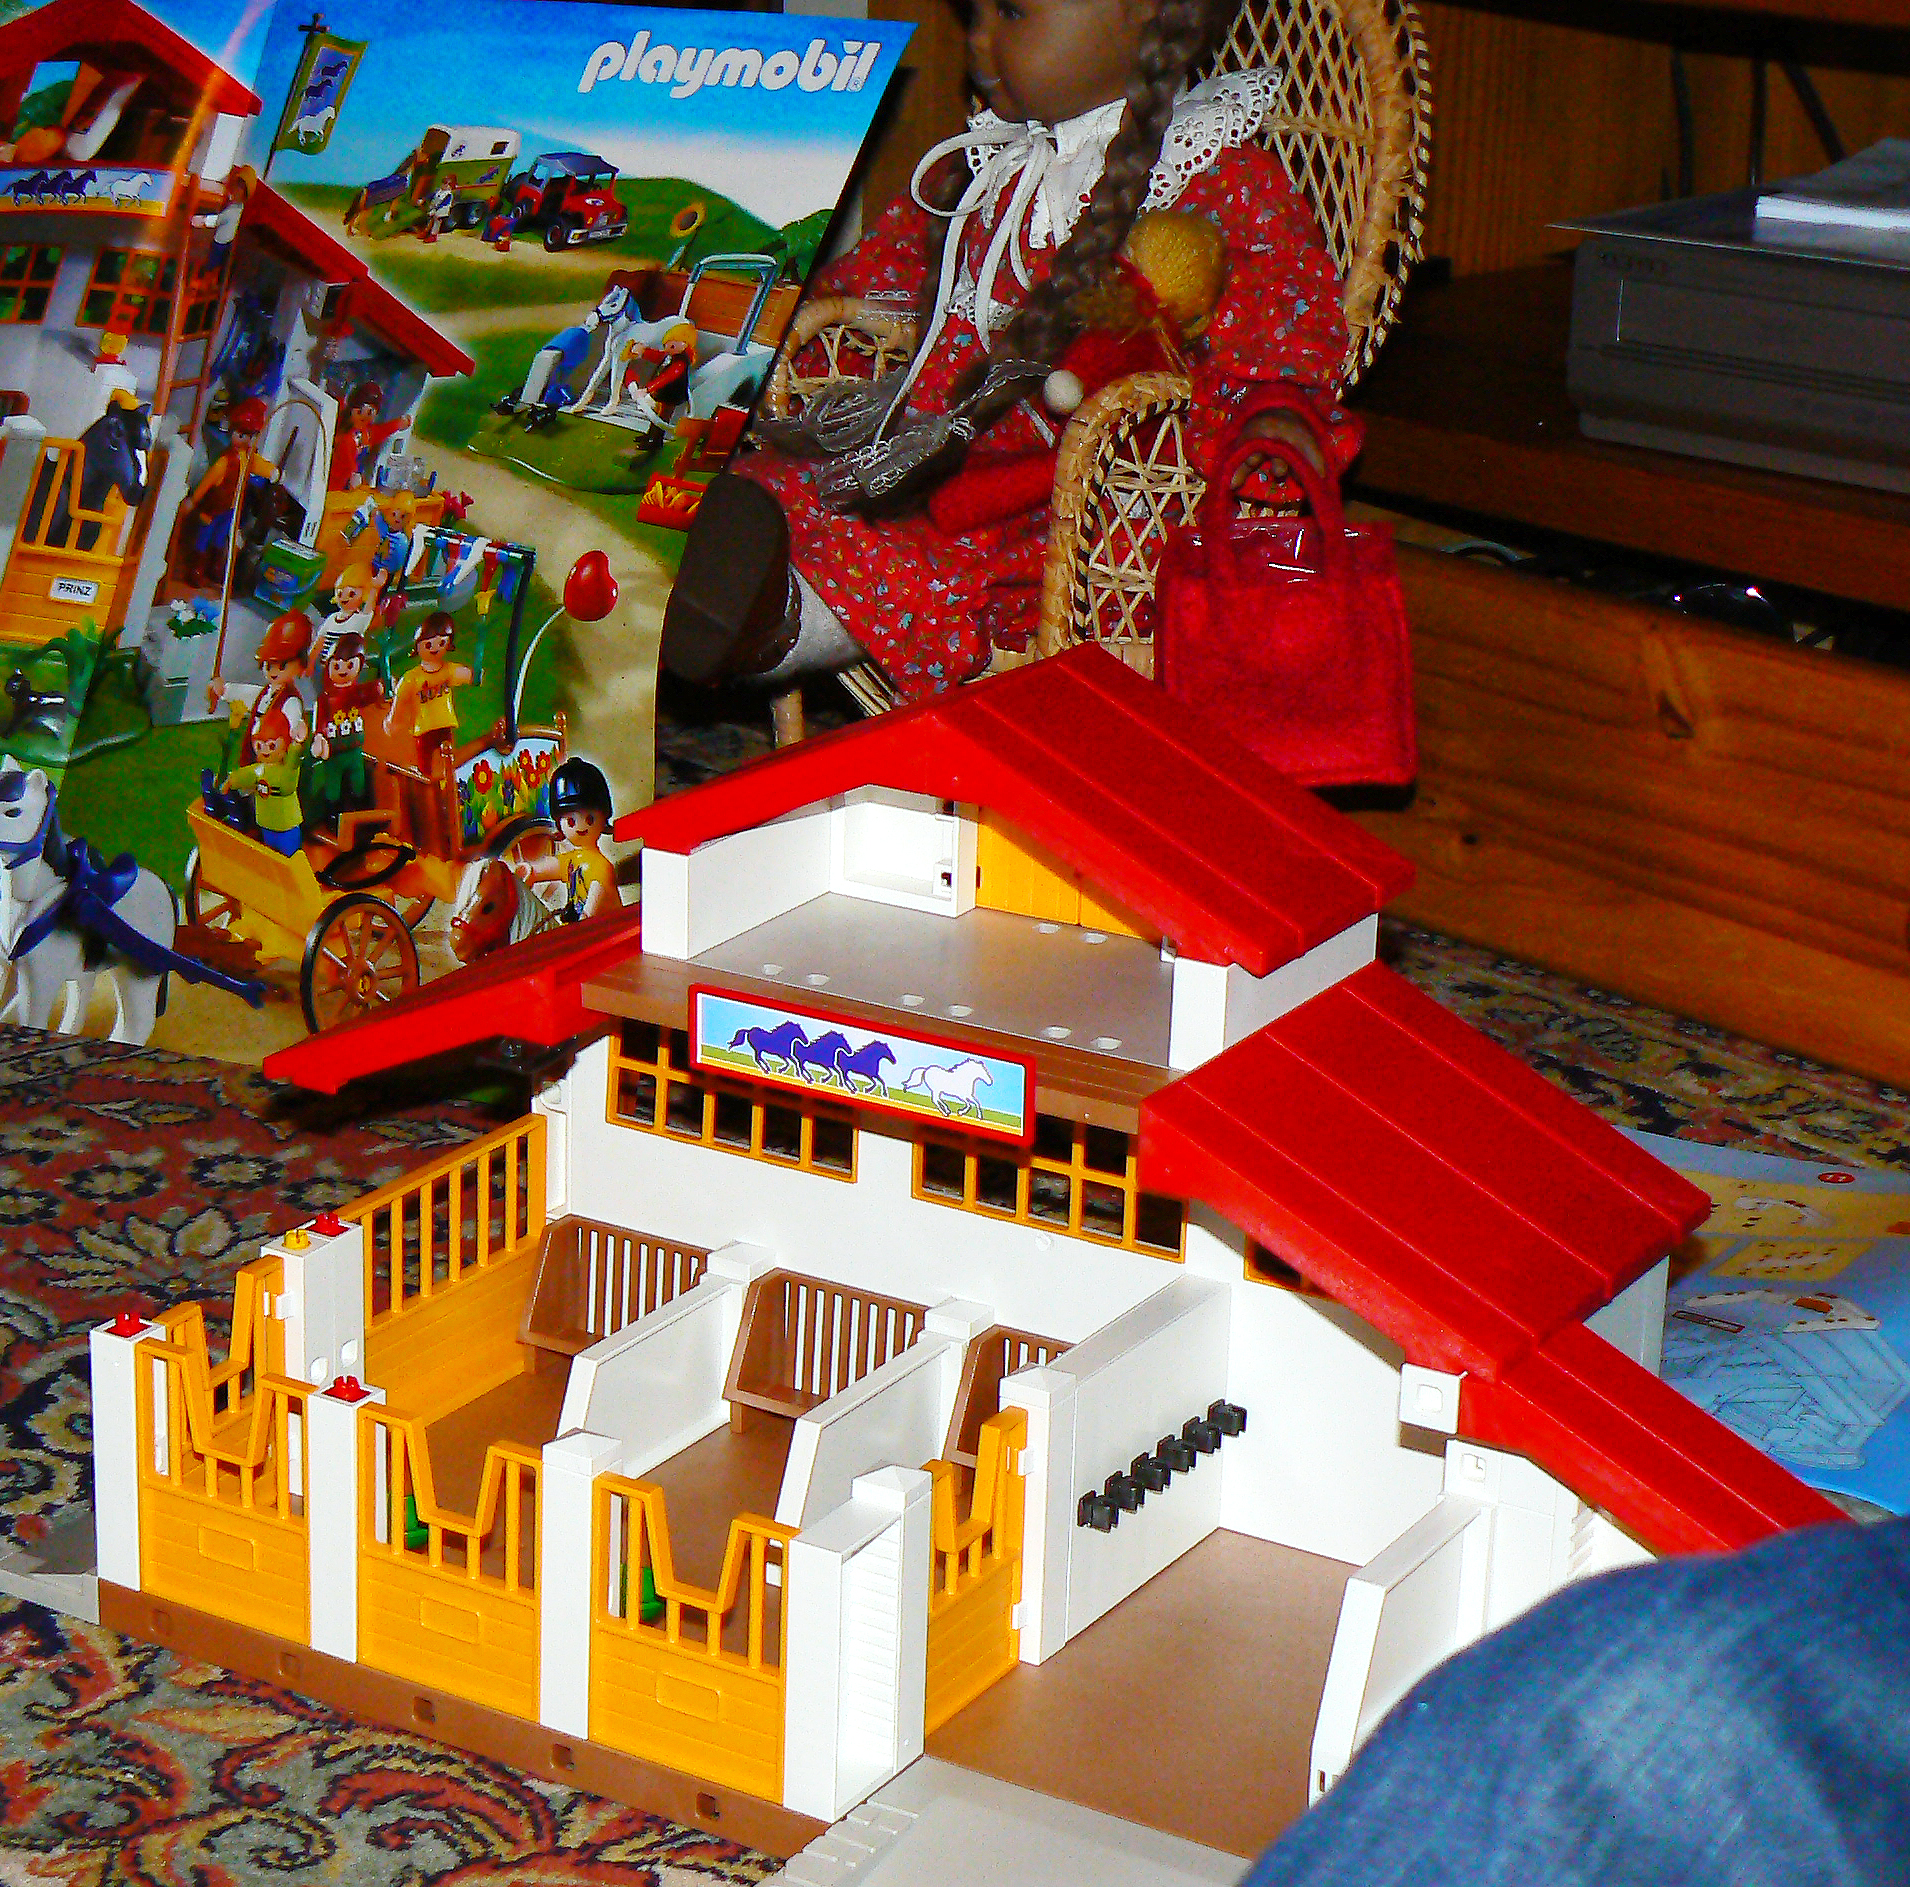 Playmobil reiterhof explore dierk schaefer 39 s photos on for Playmobil jugendzimmer 6457